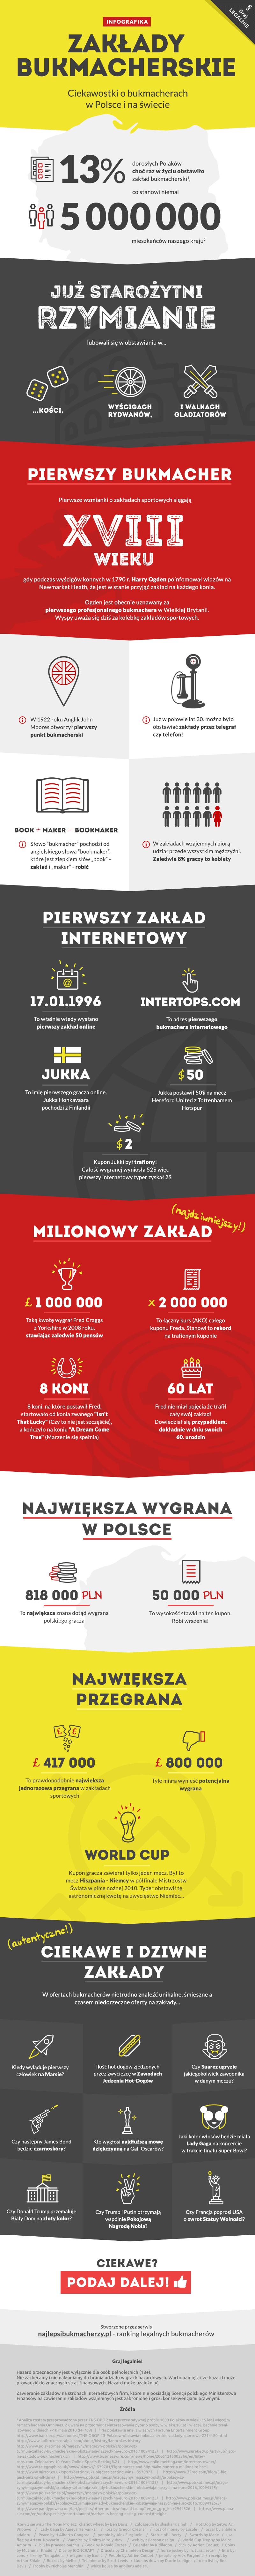 infografika obukmacherach